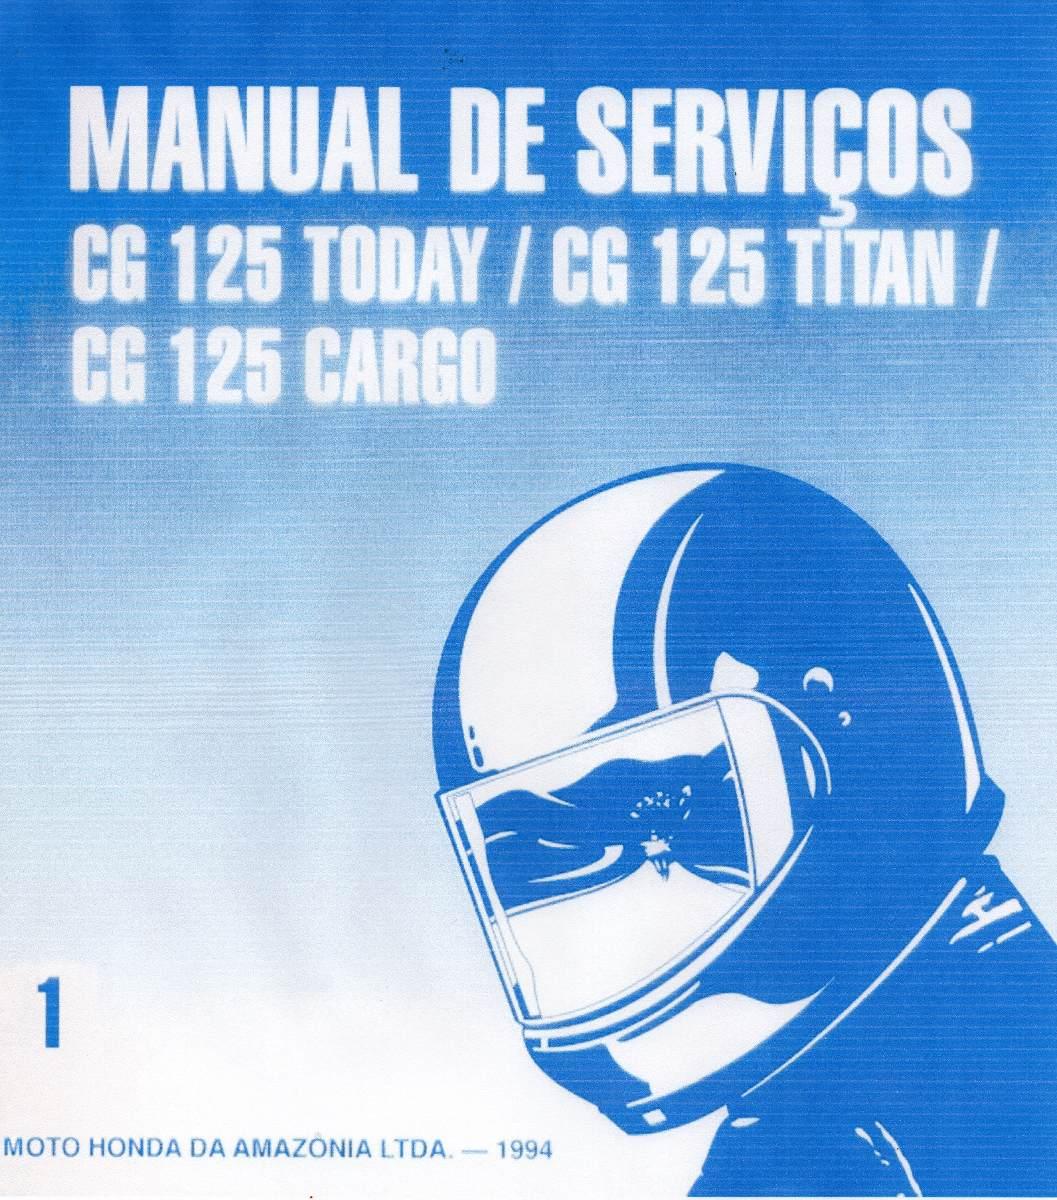 m de servi o moto honda cg 125 today titan e cargo pdf r 17 00 rh produto mercadolivre com br manual de serviço cg 125 titan 2000 pdf manual de serviço cg 125 fan 2006